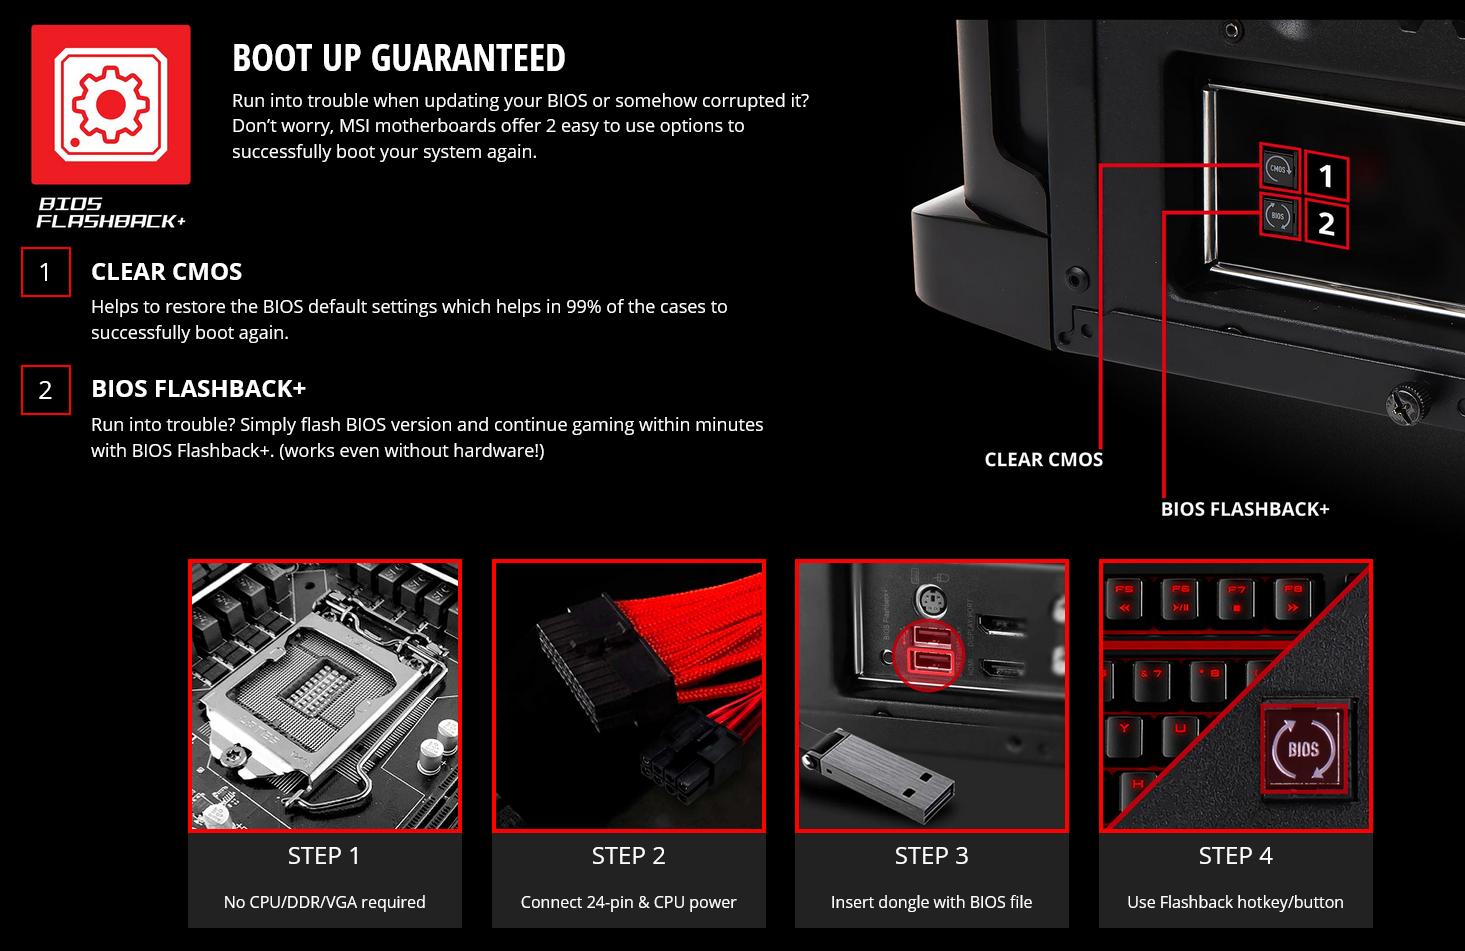 تعرف على مميزات لوحة MSI MEG Z390 ACE و كيفية بناء أقوى تجميعة